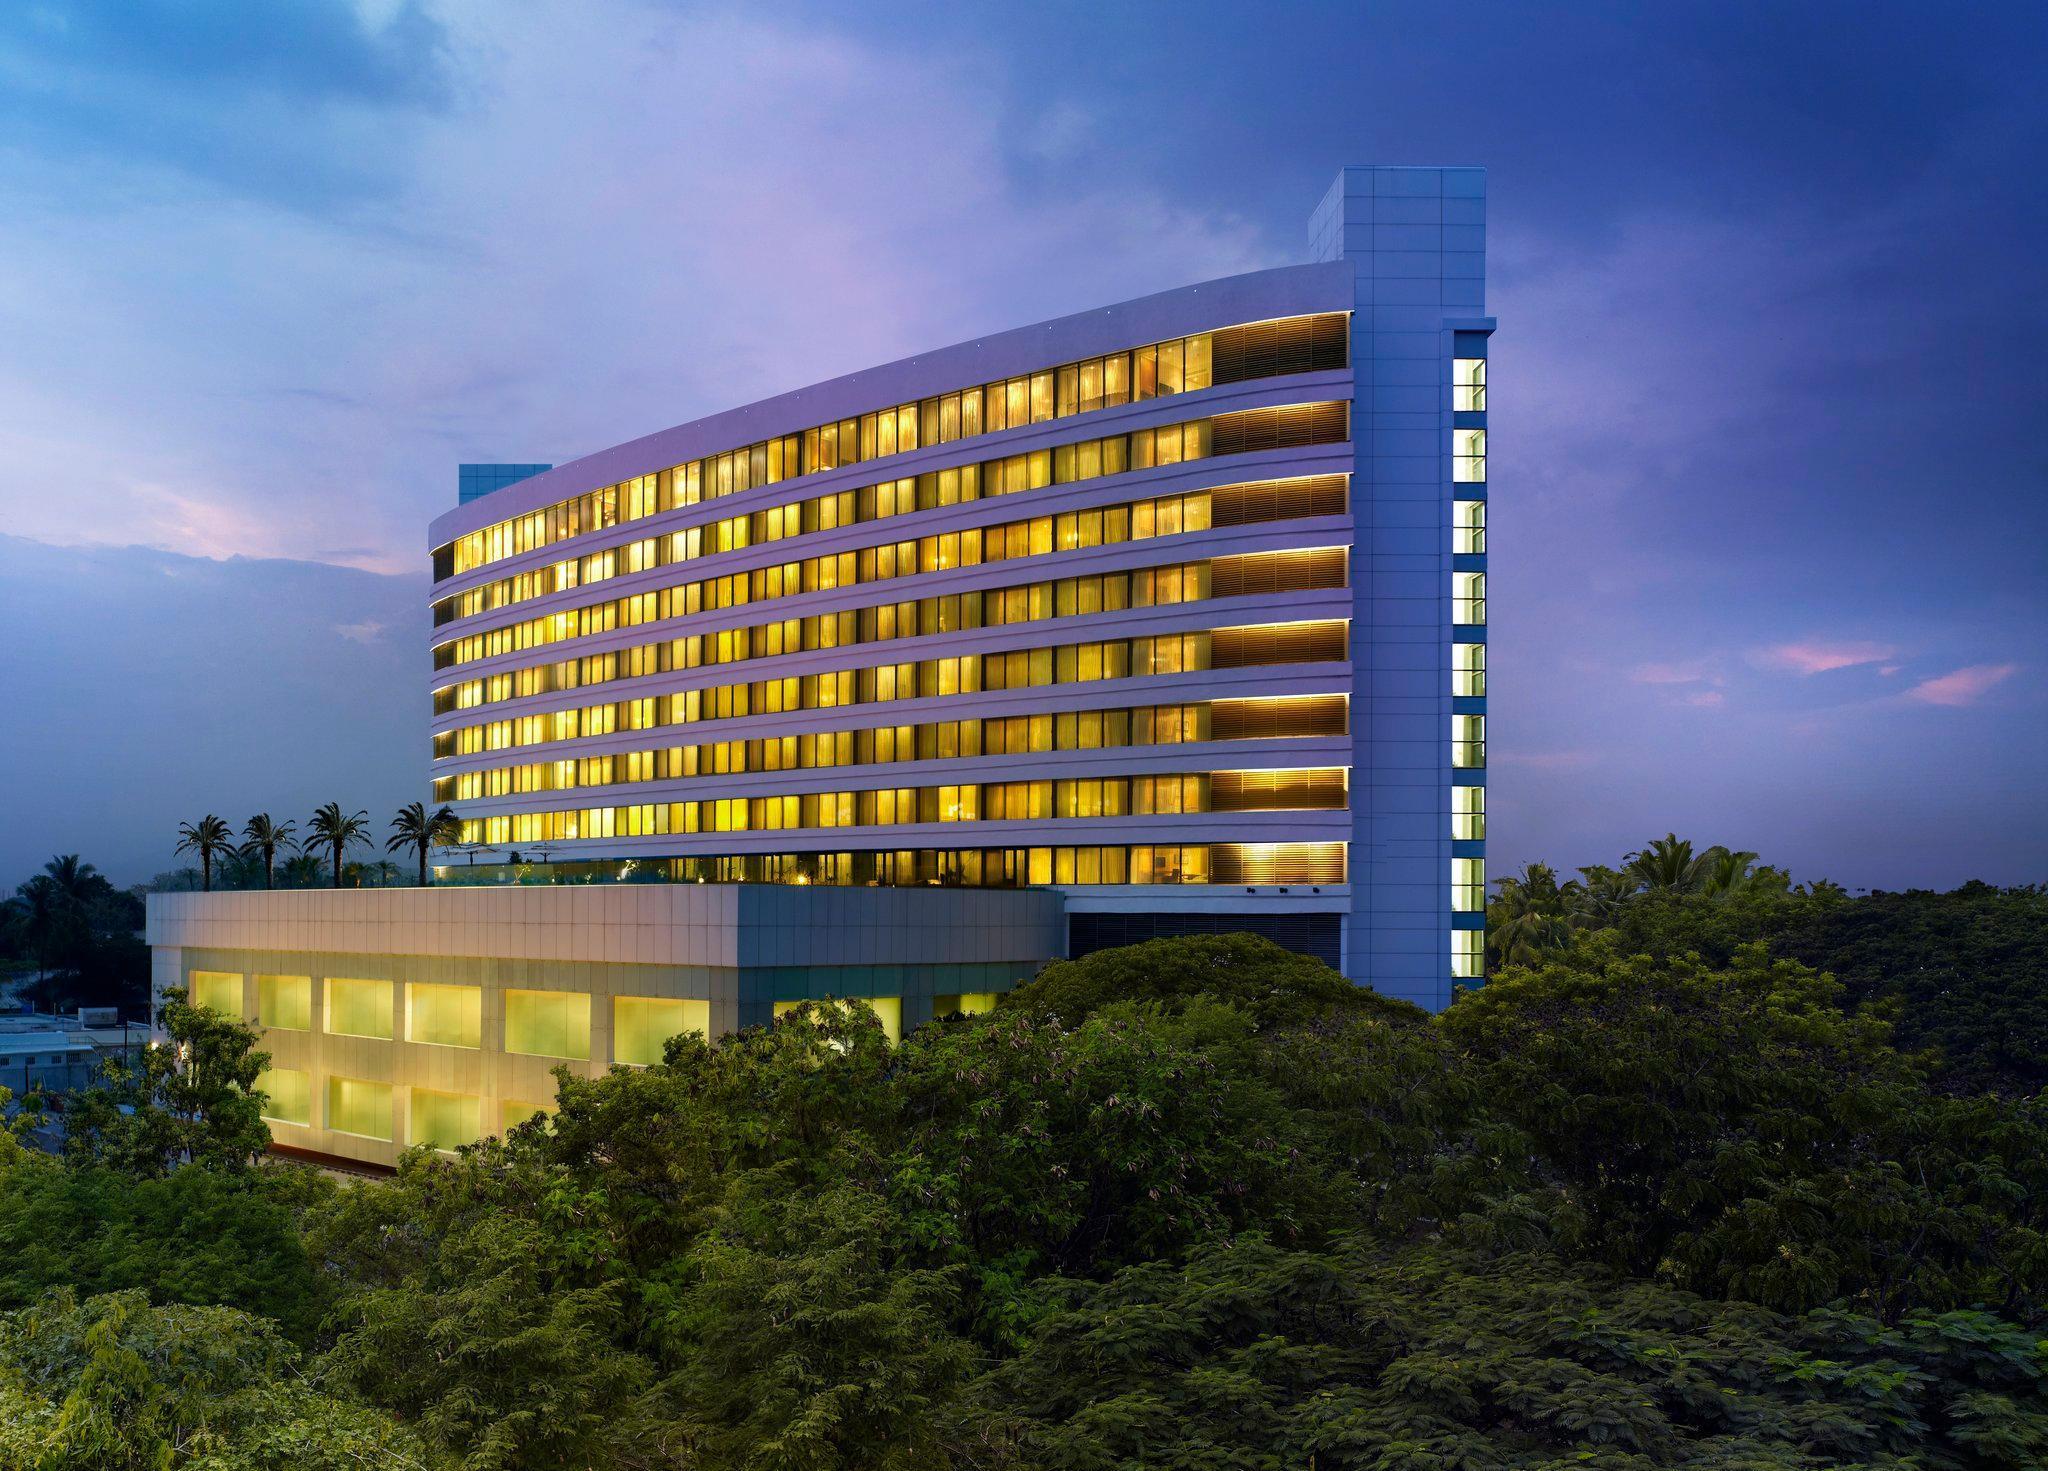 Vivanta By Taj Surya Hotel